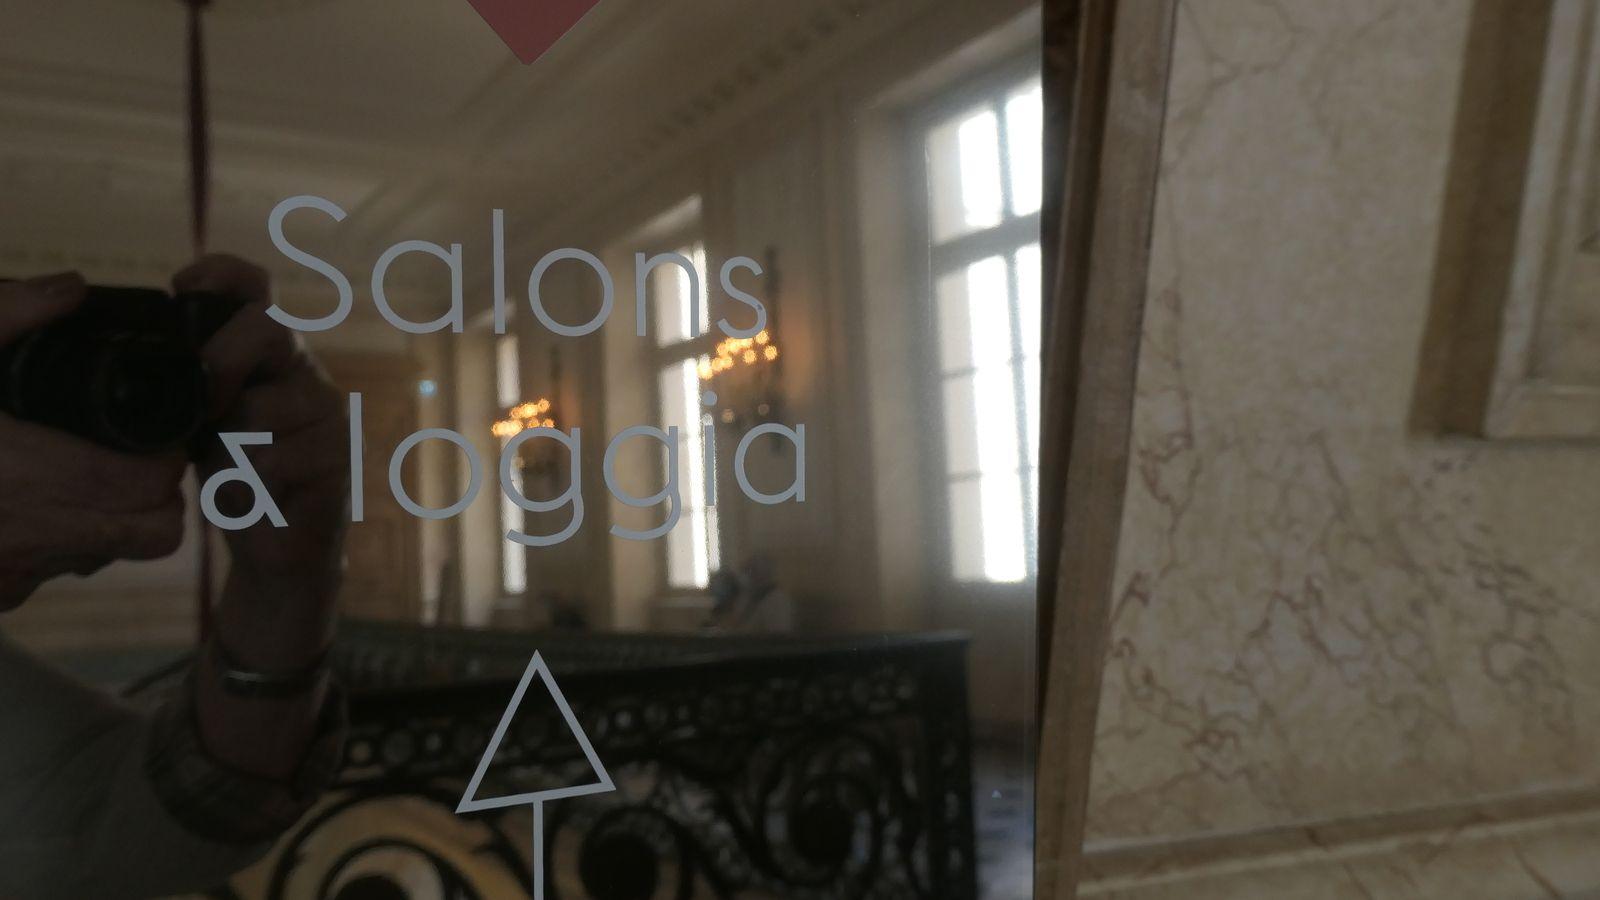 Une salle de bal sublime (on nous aperçoit dans un miroir)